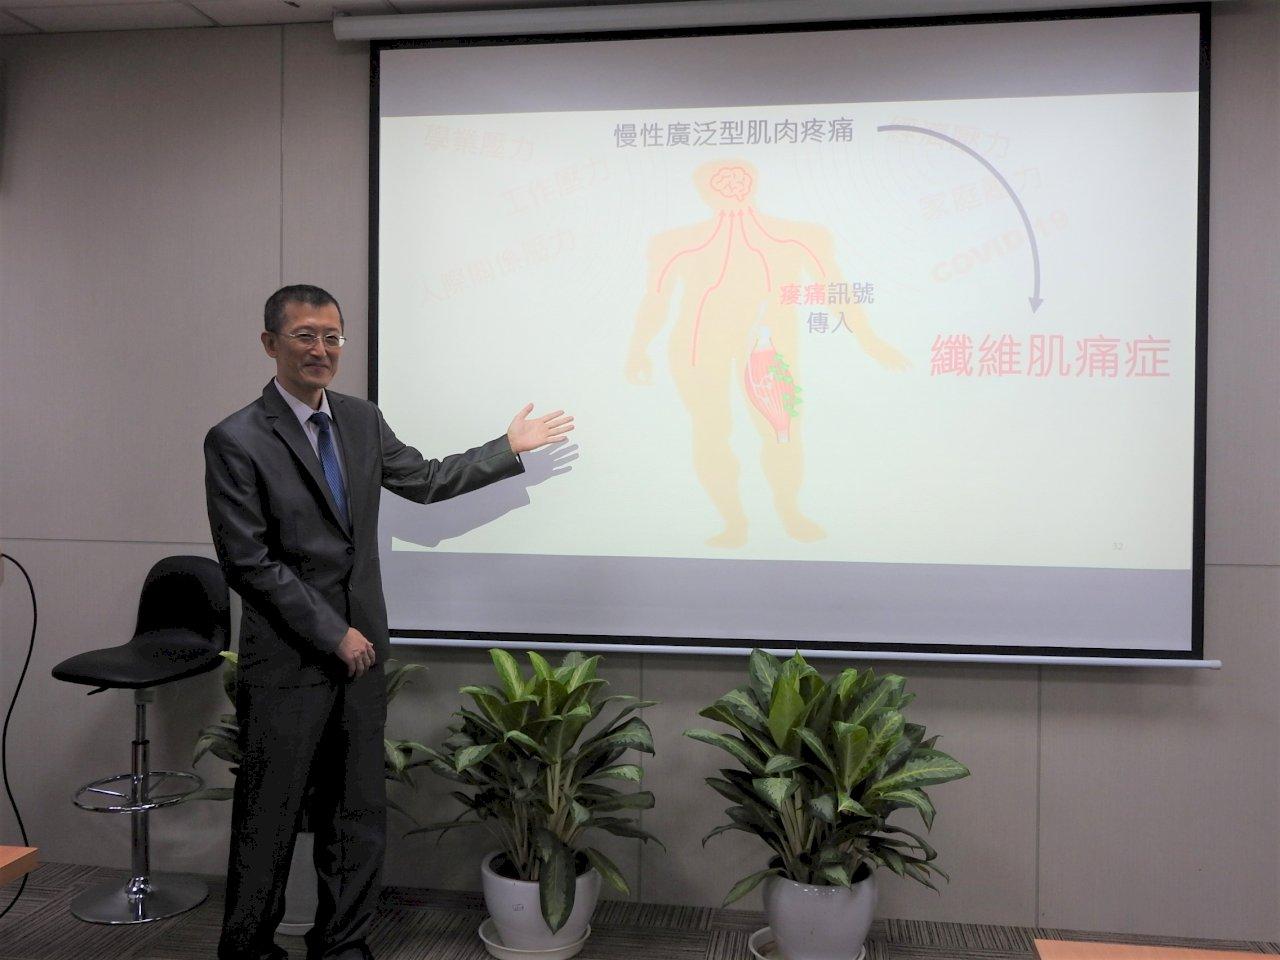 心理壓力竟會造成生理疼痛! 中研院發現纖維肌痛症致病機轉